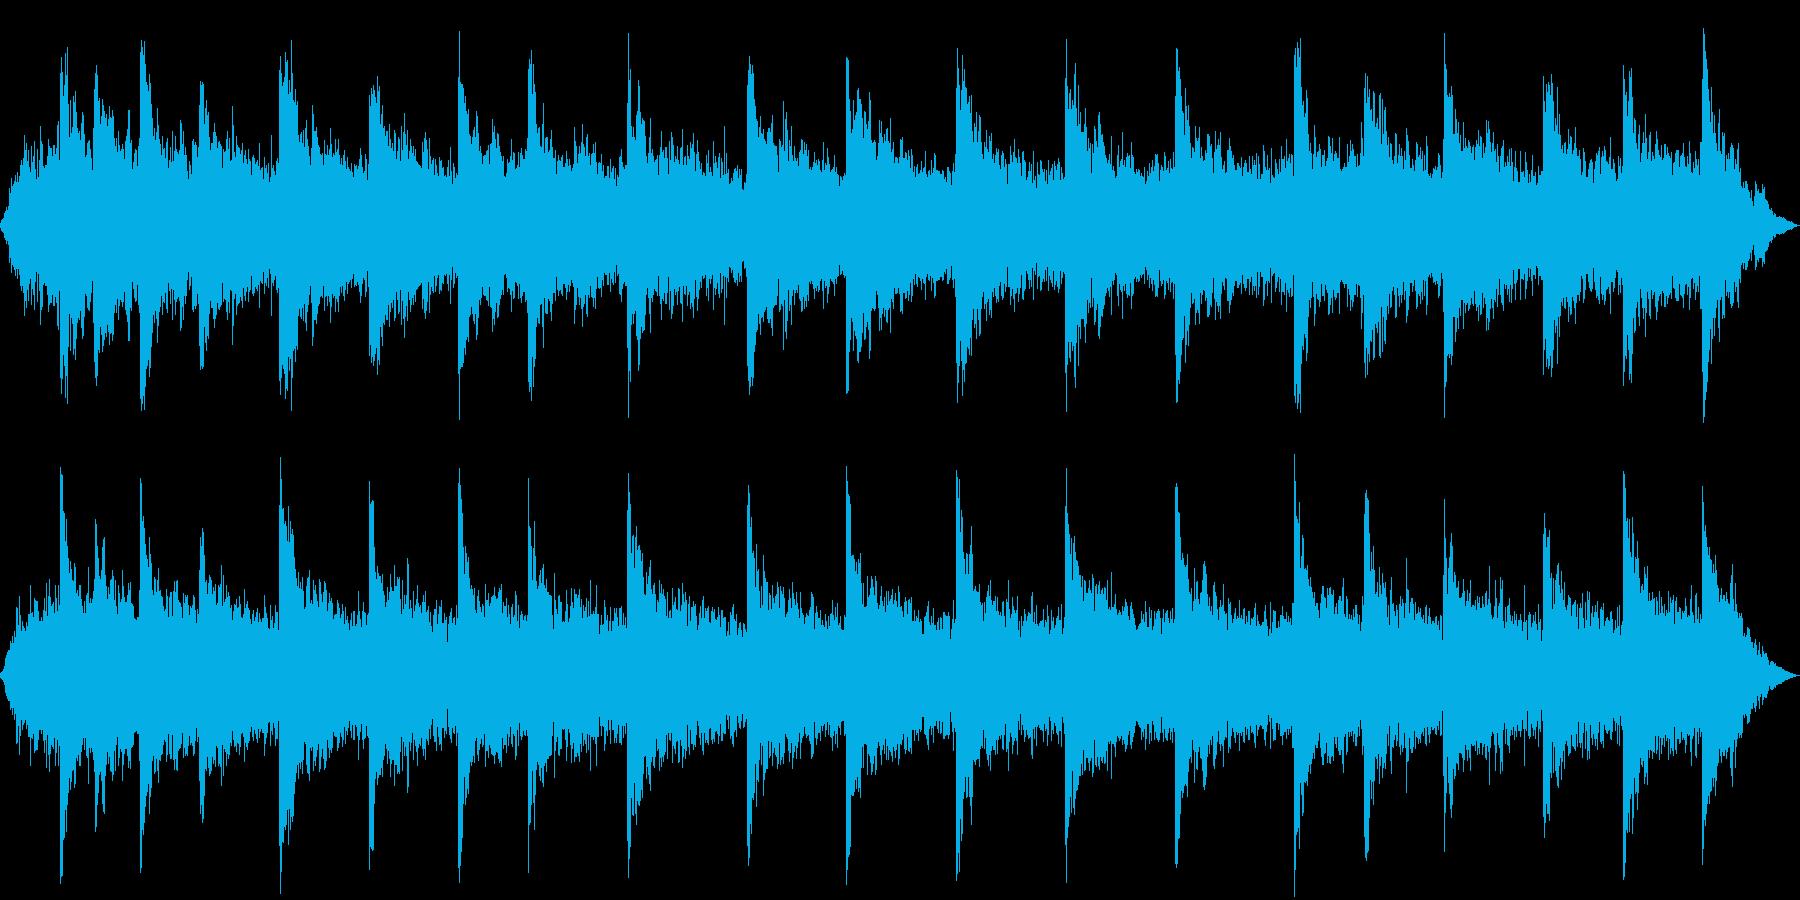 ホラーな背景 不気味な演出 高めの合唱版の再生済みの波形